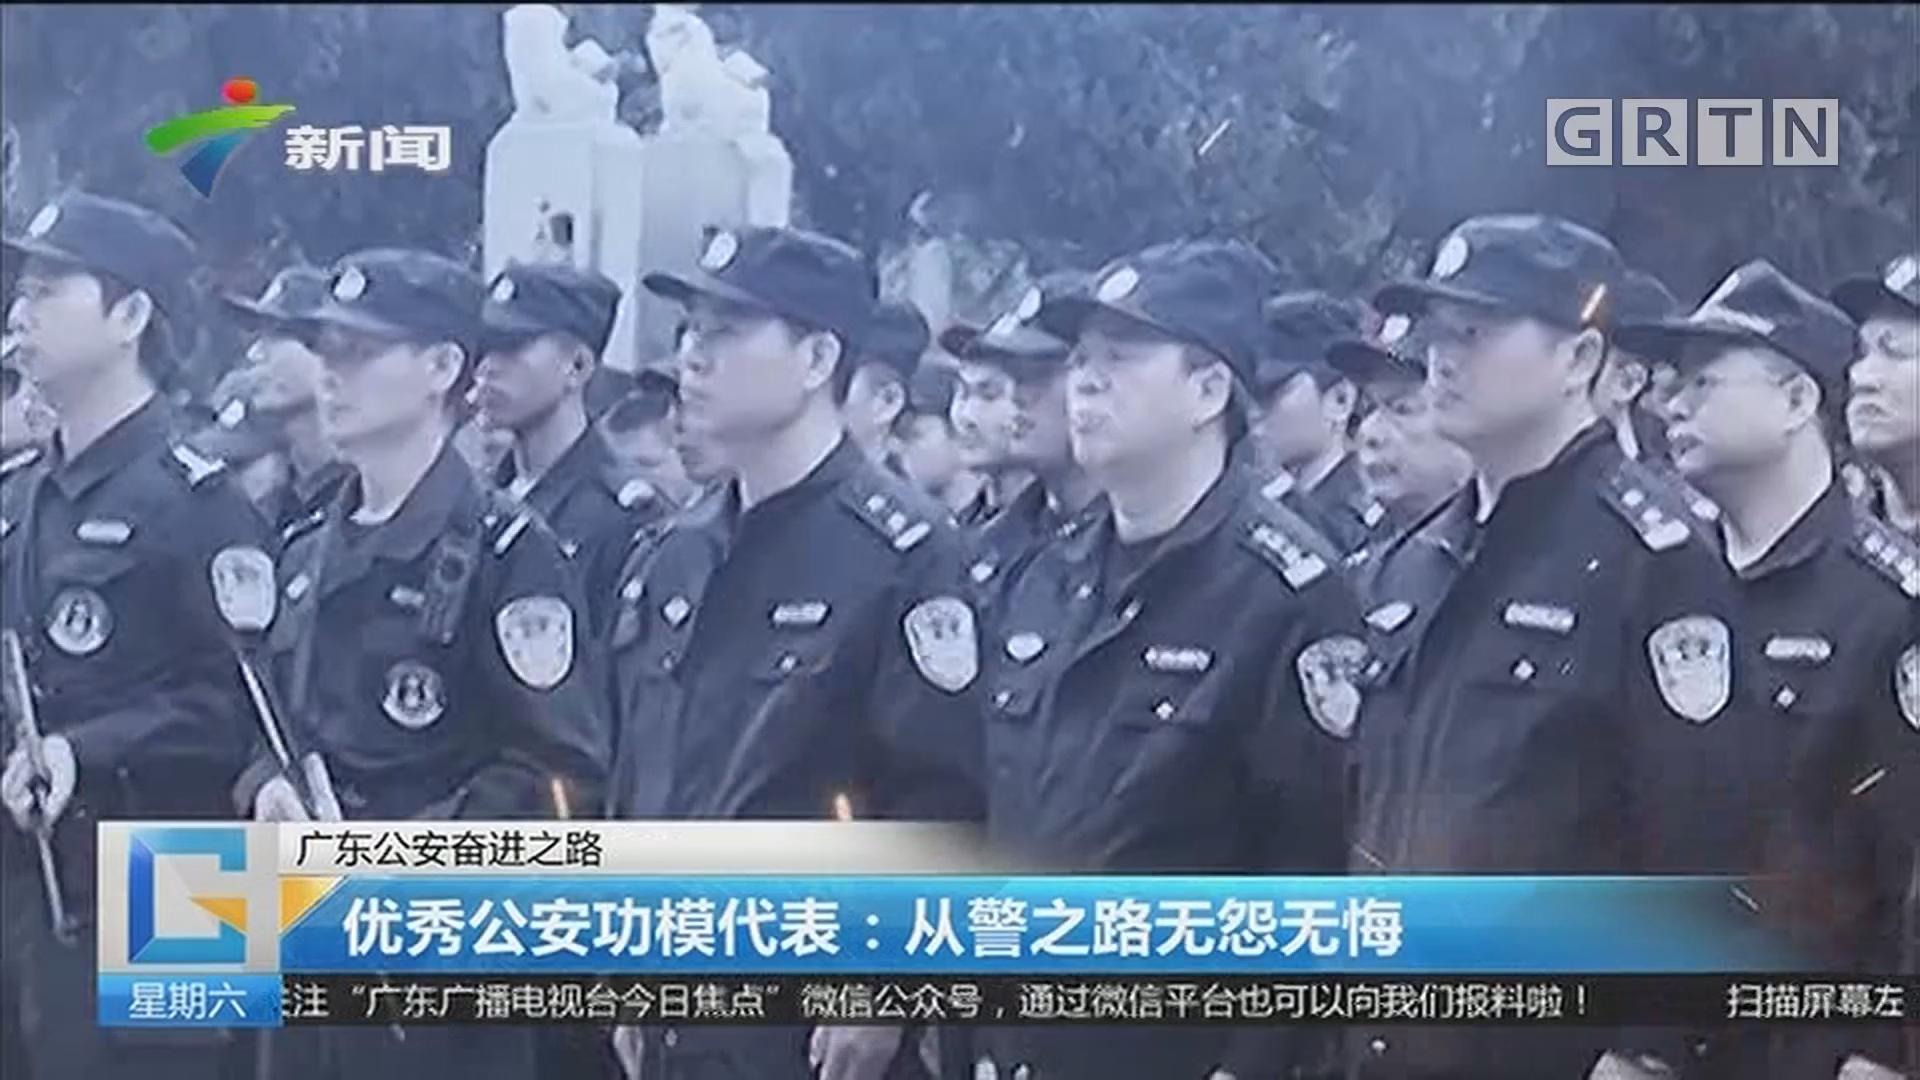 广东公安奋进之路 优秀公安功模代表:从警之路无怨无悔